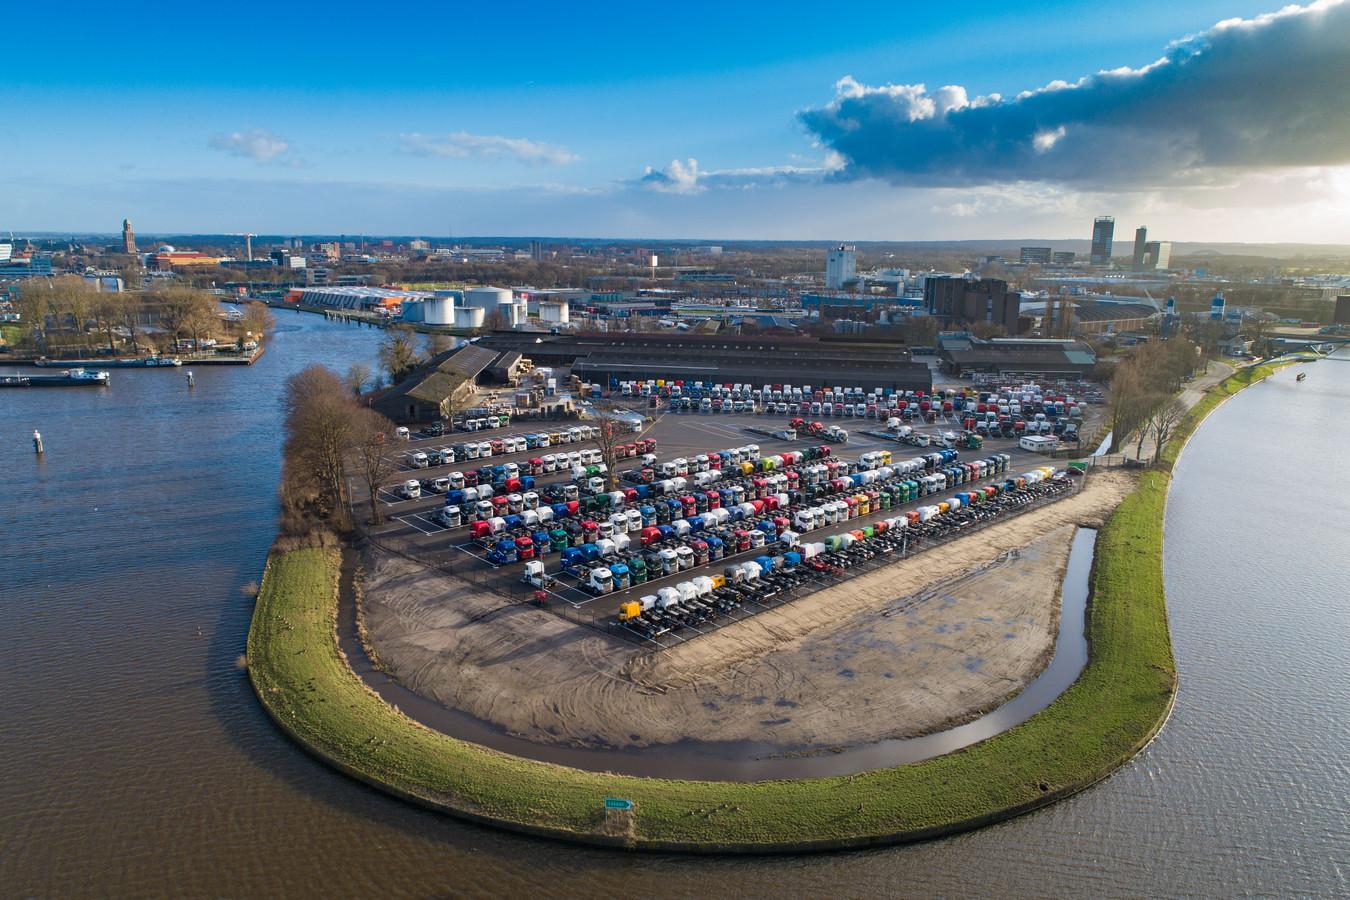 Het Scania-parkeerterrein in Zwolle.